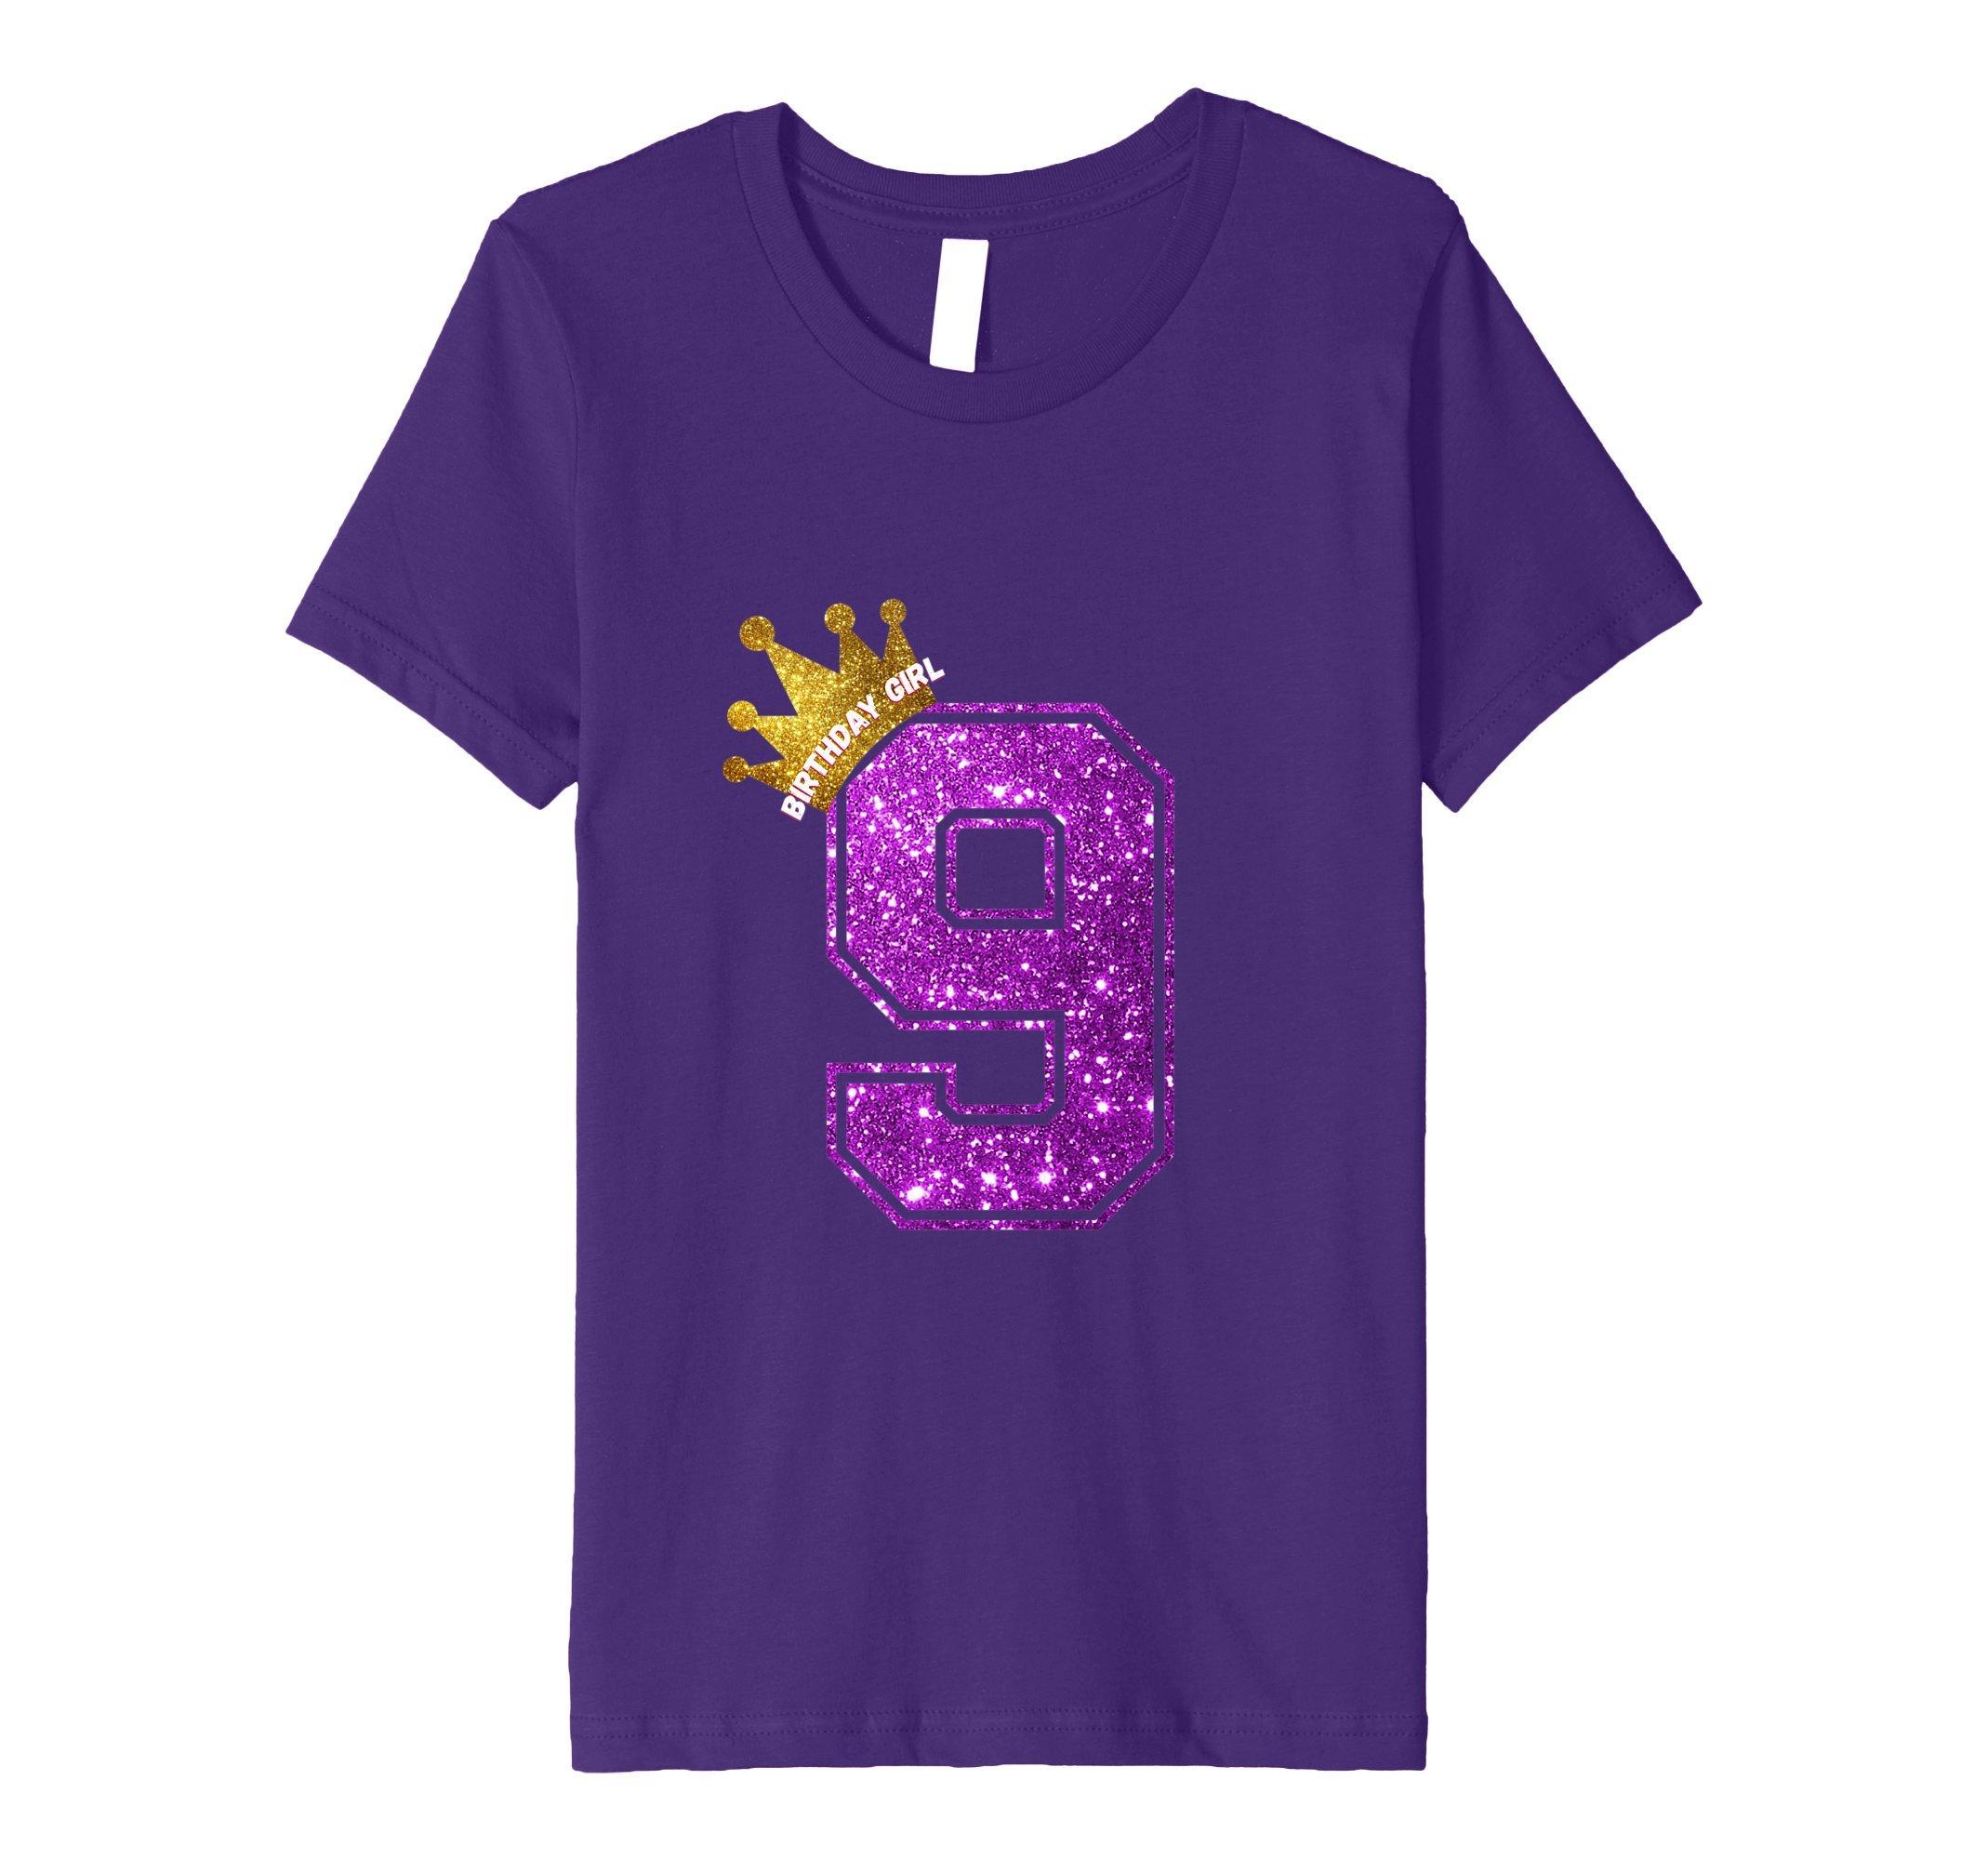 Kids Happy Birthday Gift Shirt - Girls 9th Birthday Shirt 8 Purple